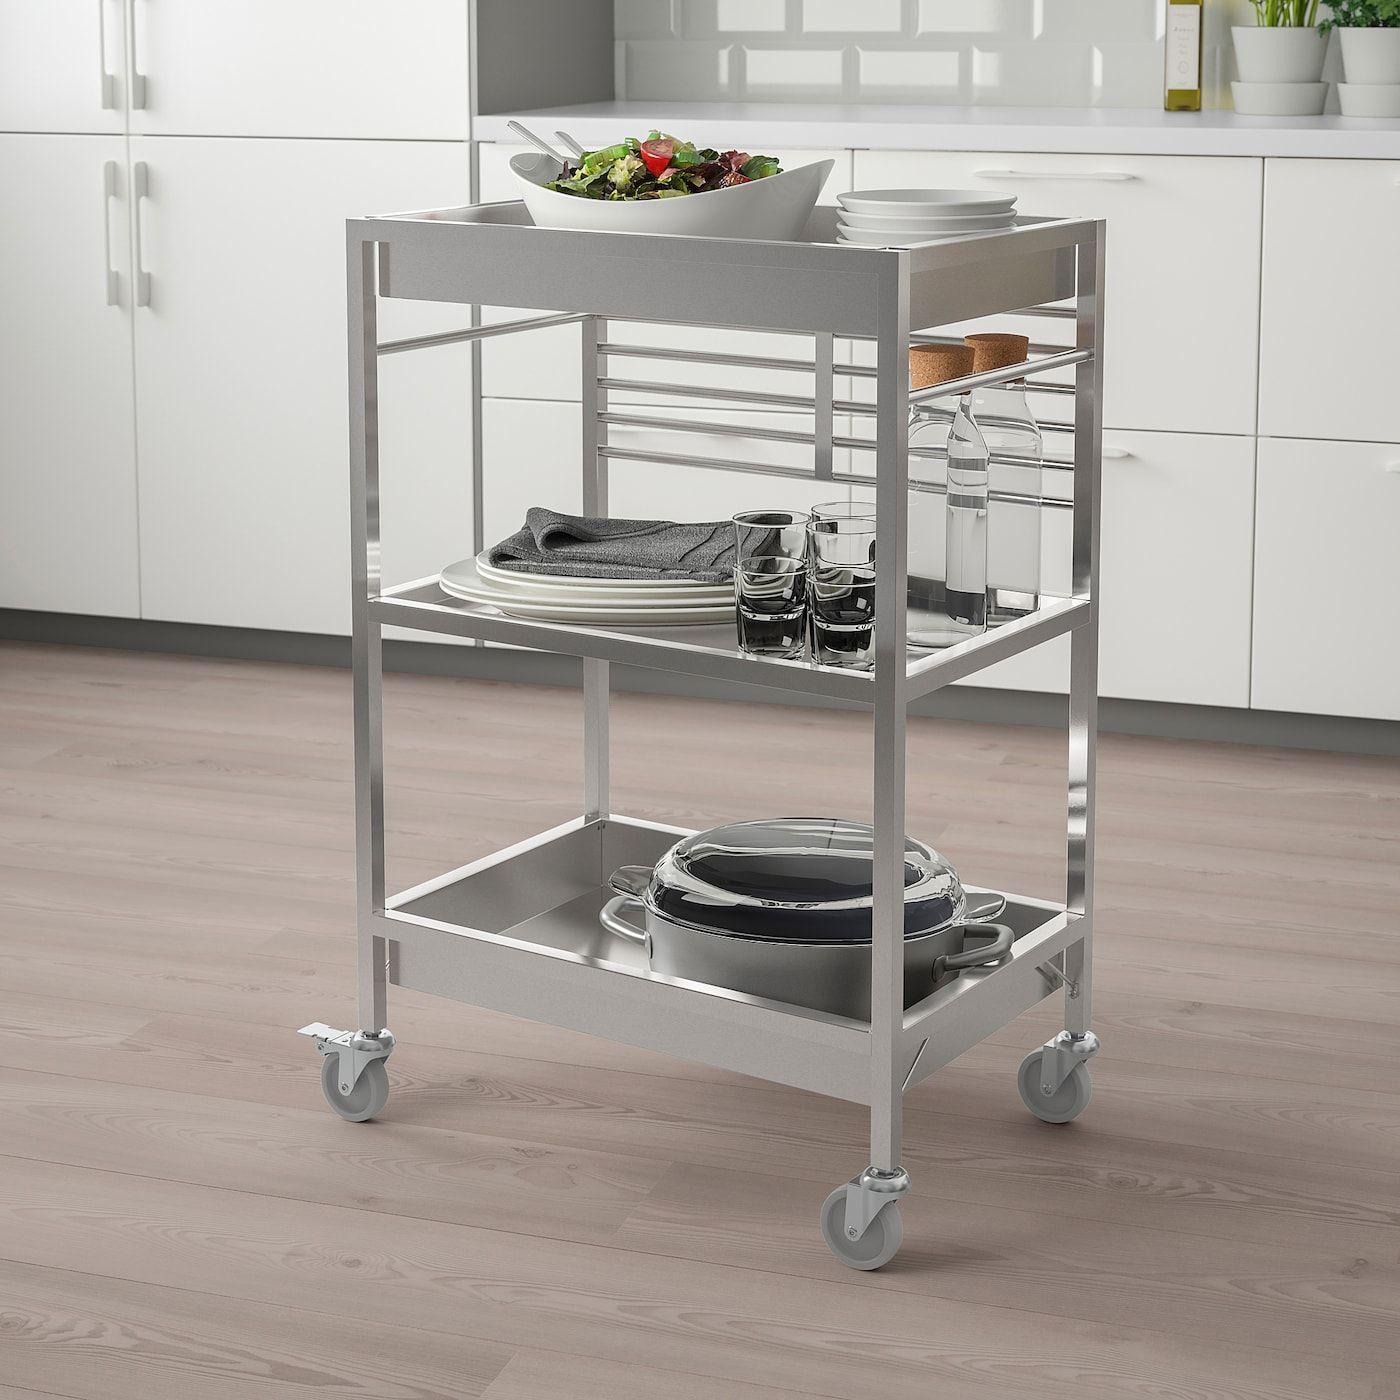 Kungsfors Servierwagen Edelstahl 60x40 Cm Ikea Osterreich Kitchen Cart Kitchen Fittings Kitchen Storage